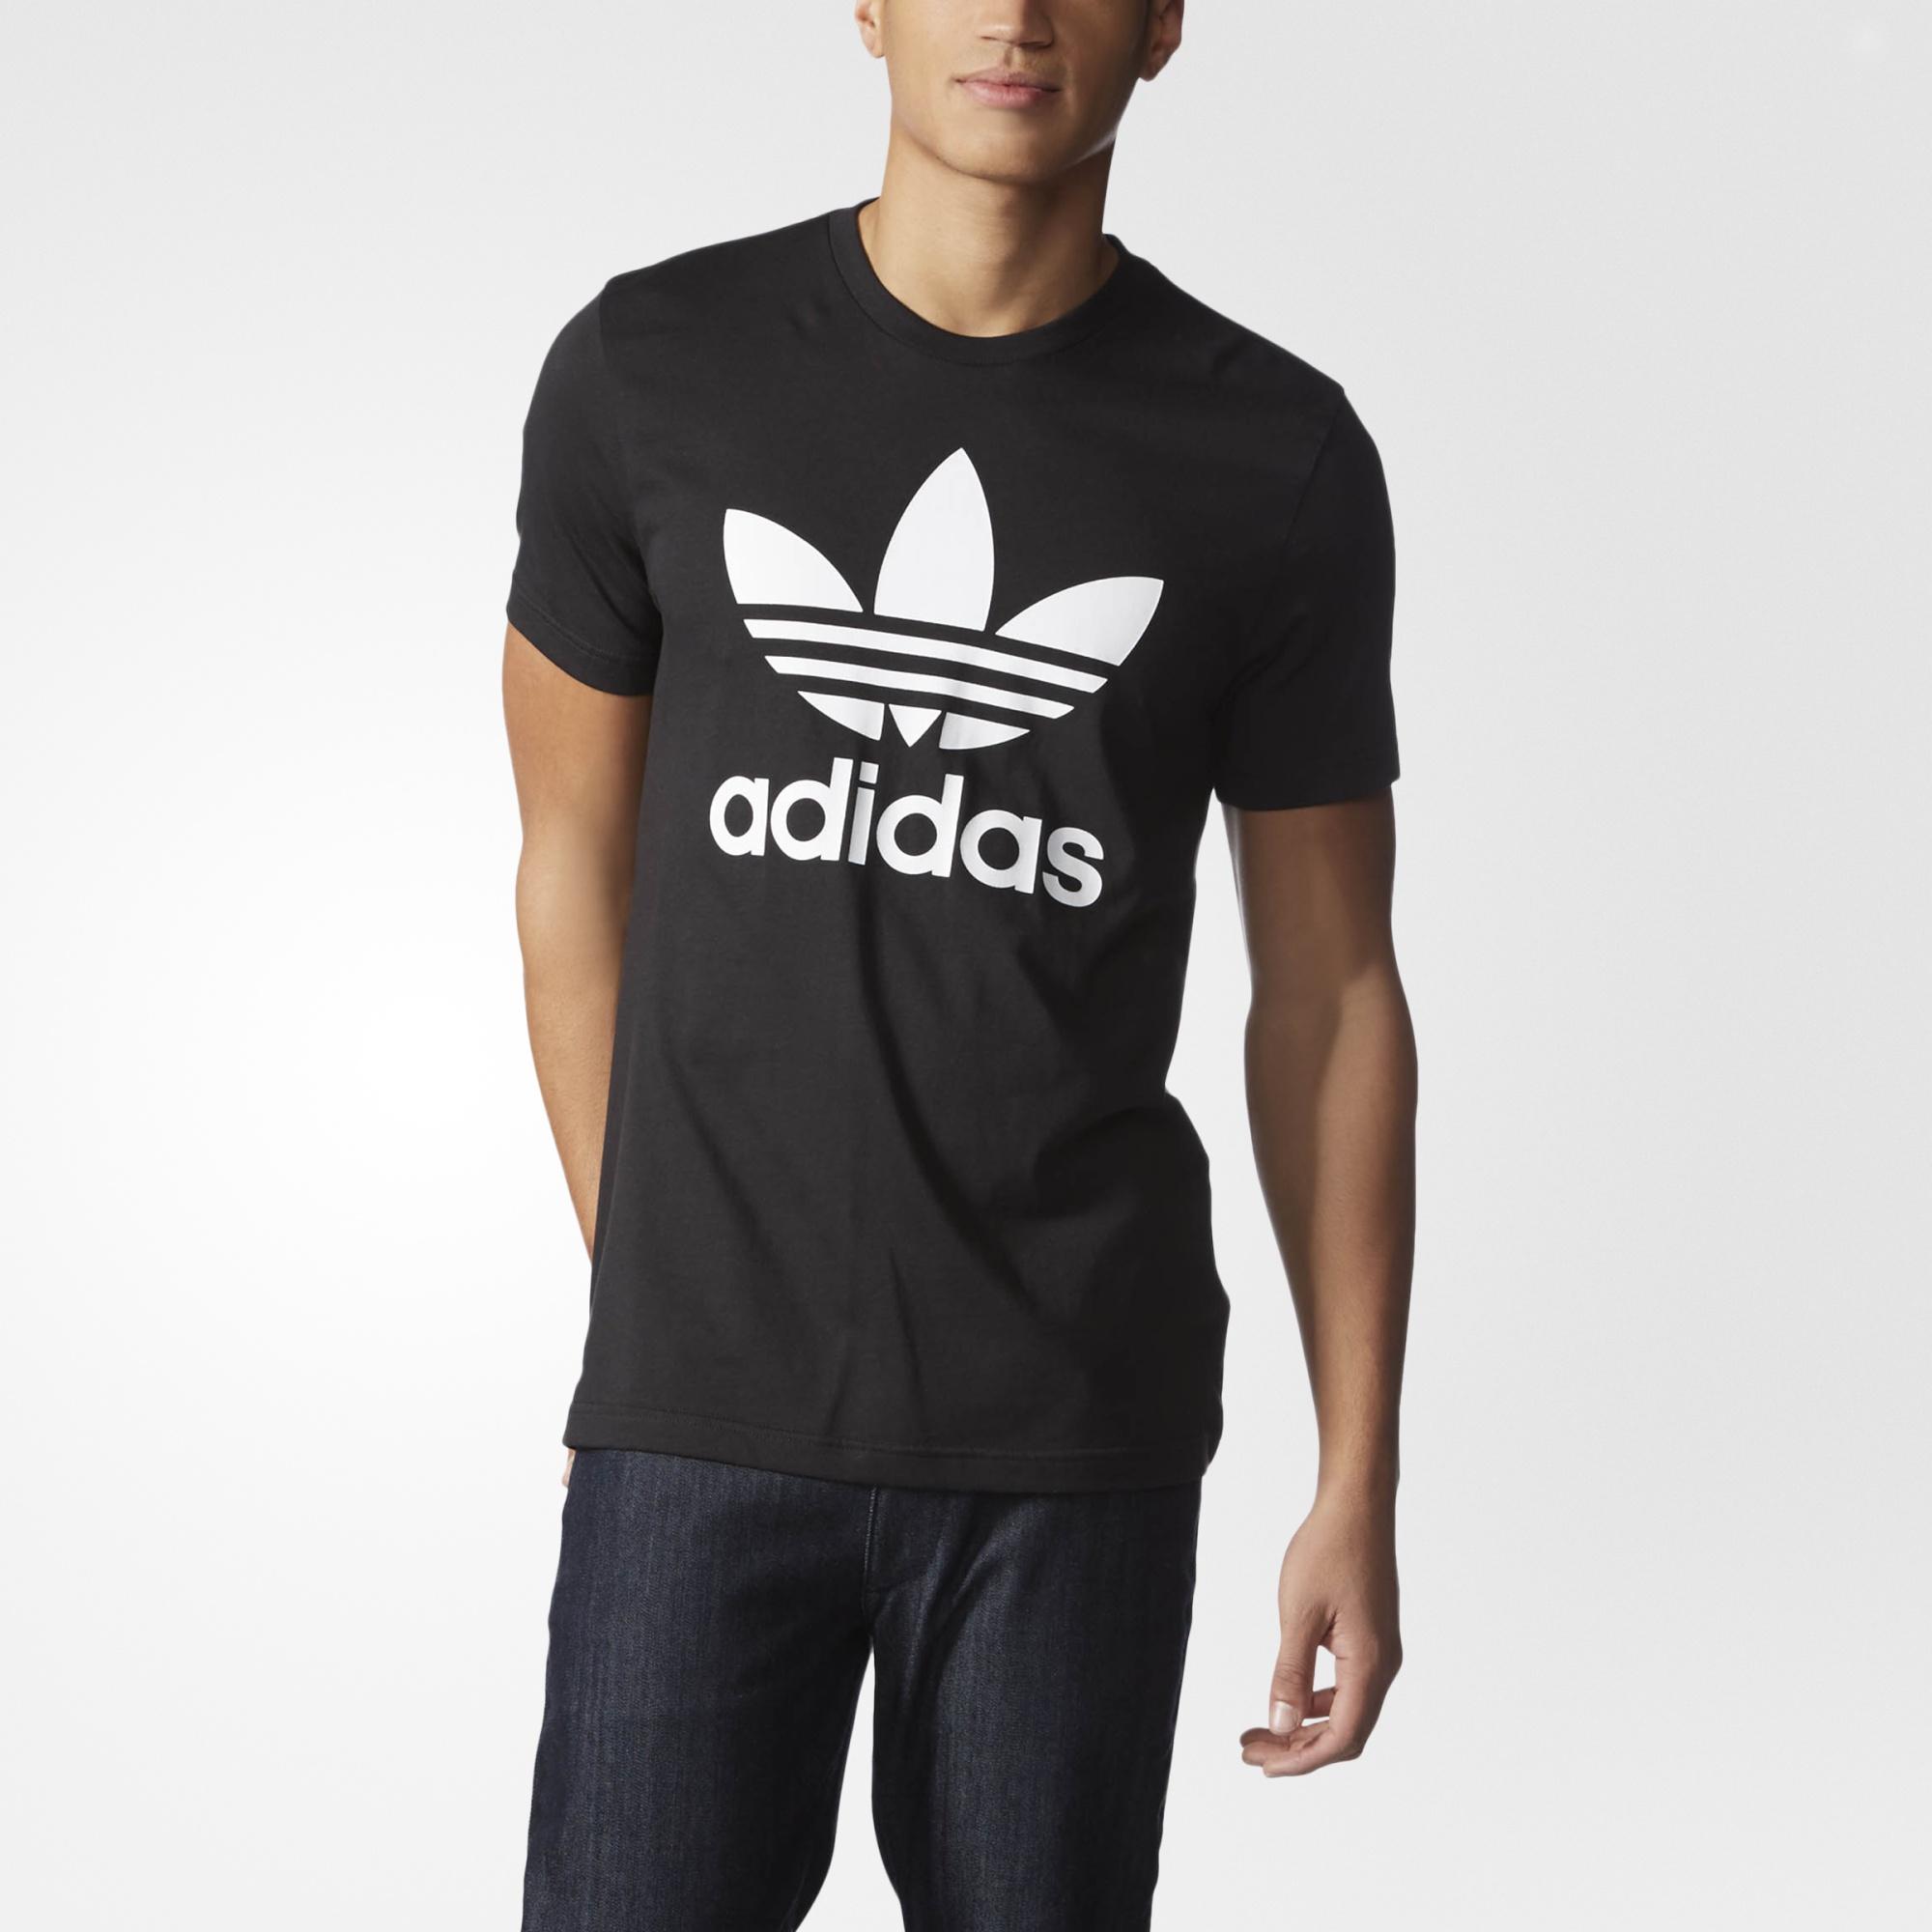 0770fddcf5ca4 adidas Trefoil Tee - Black